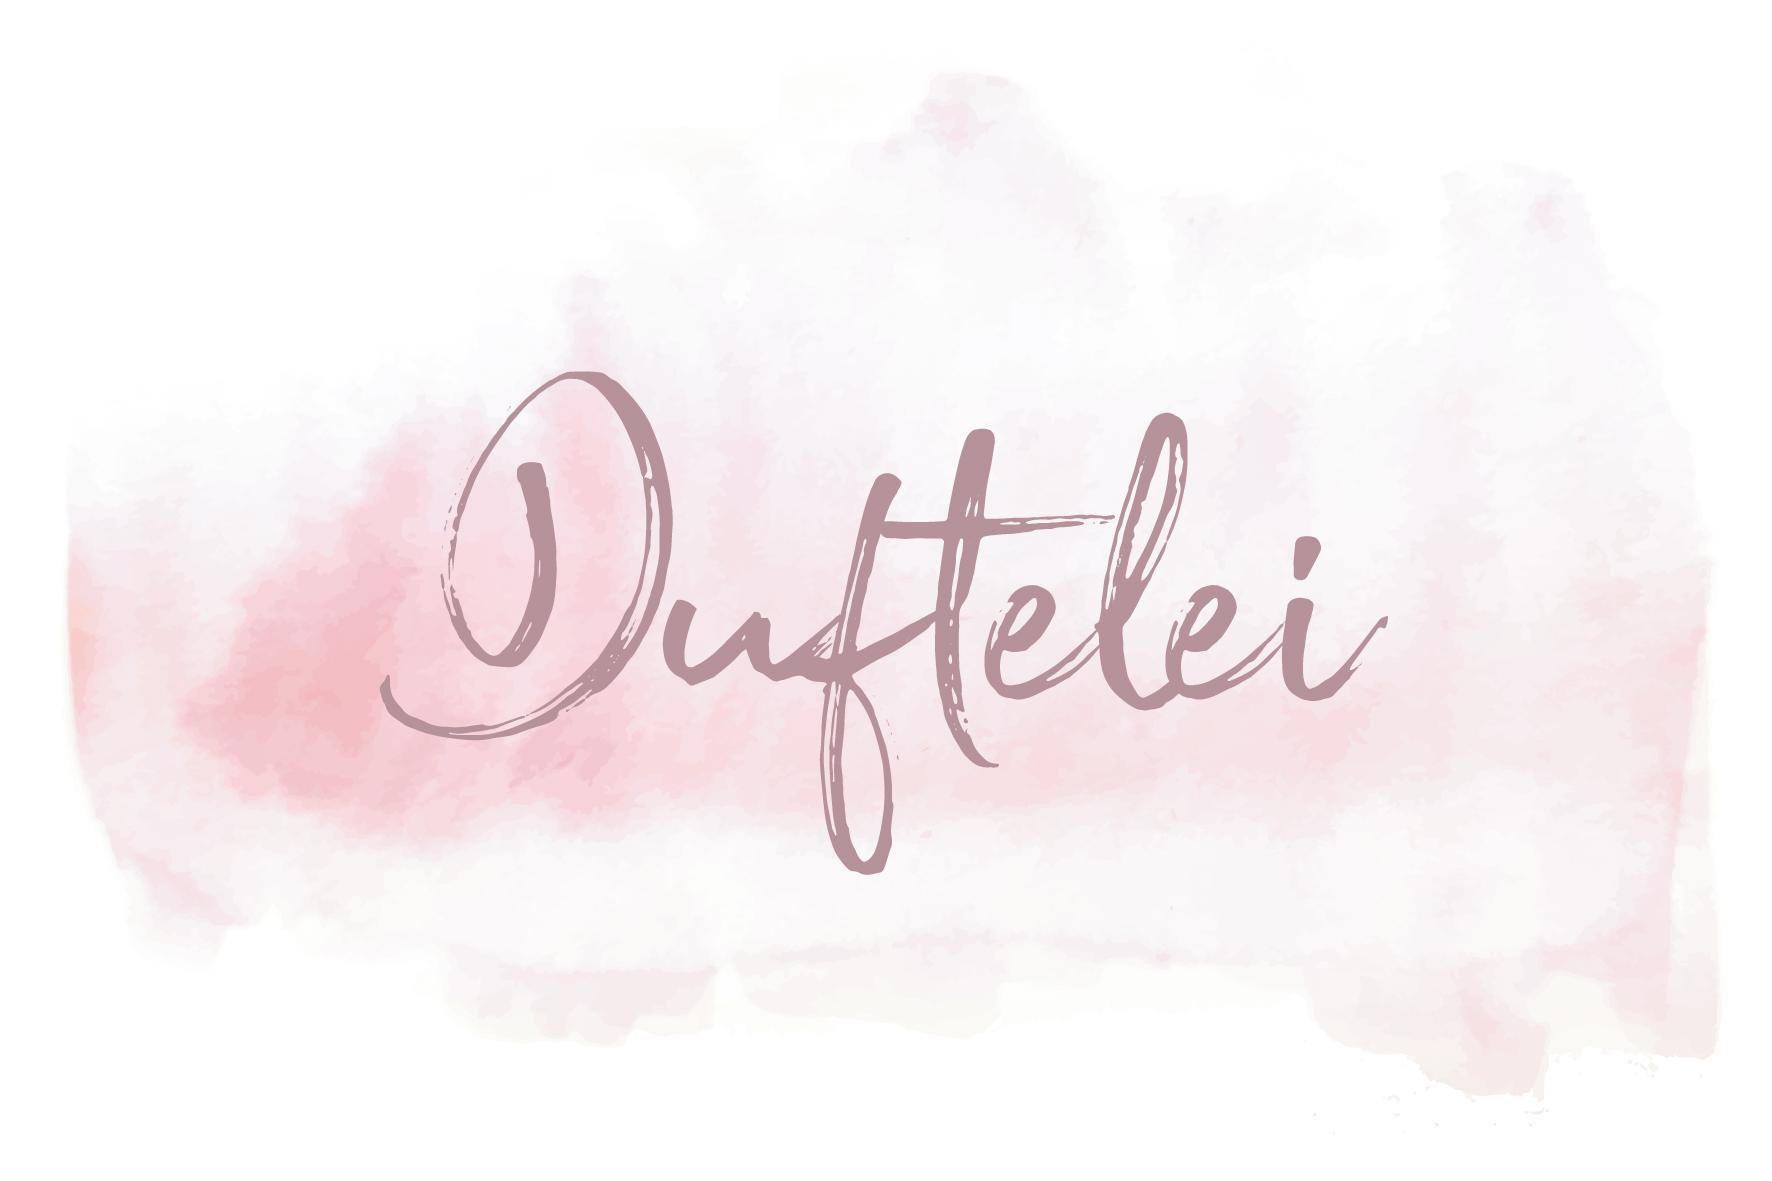 Duftelei-Karoline Winter